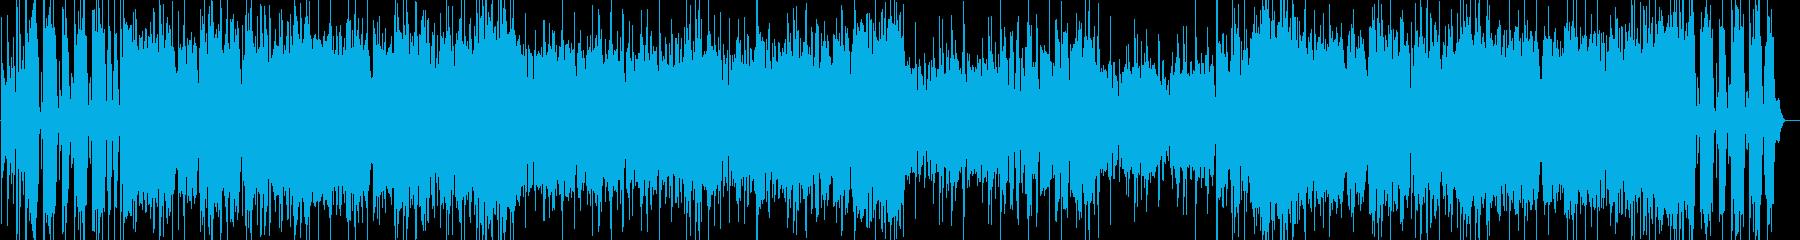 軽快でタイトなFunkロックナンバーですの再生済みの波形